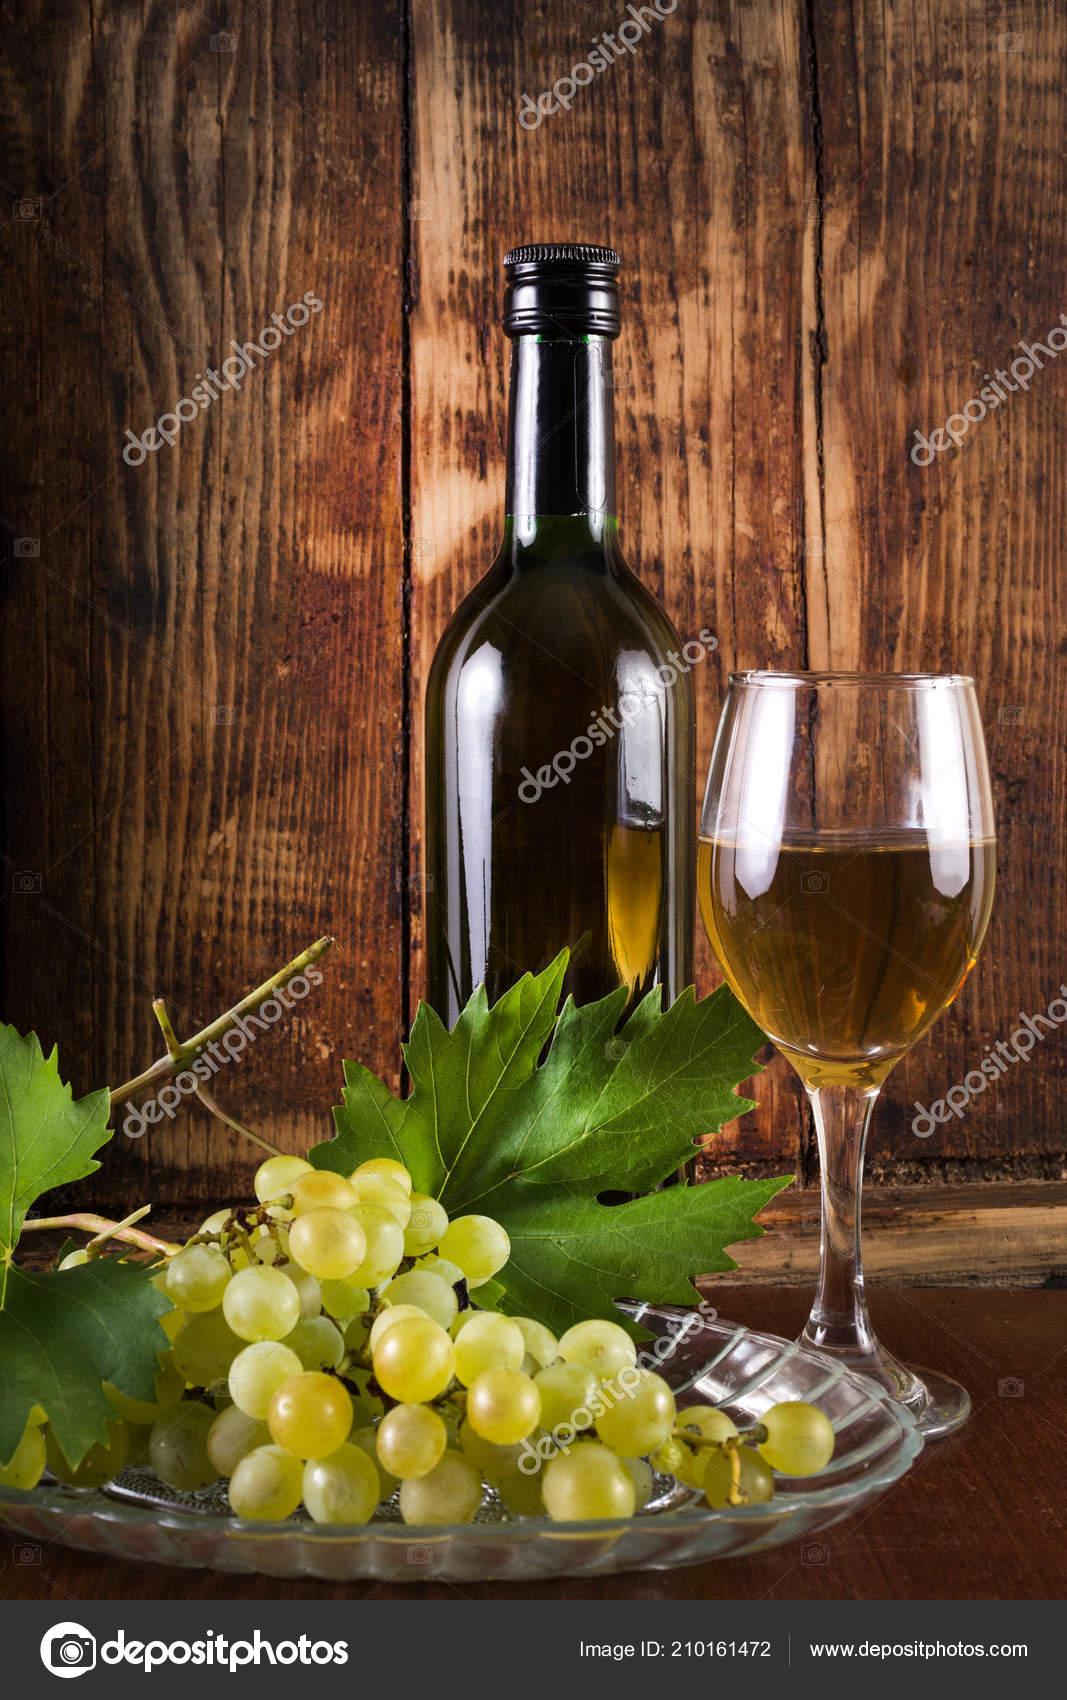 Table White Wine Glass Black Bottle Desk Grape Vine